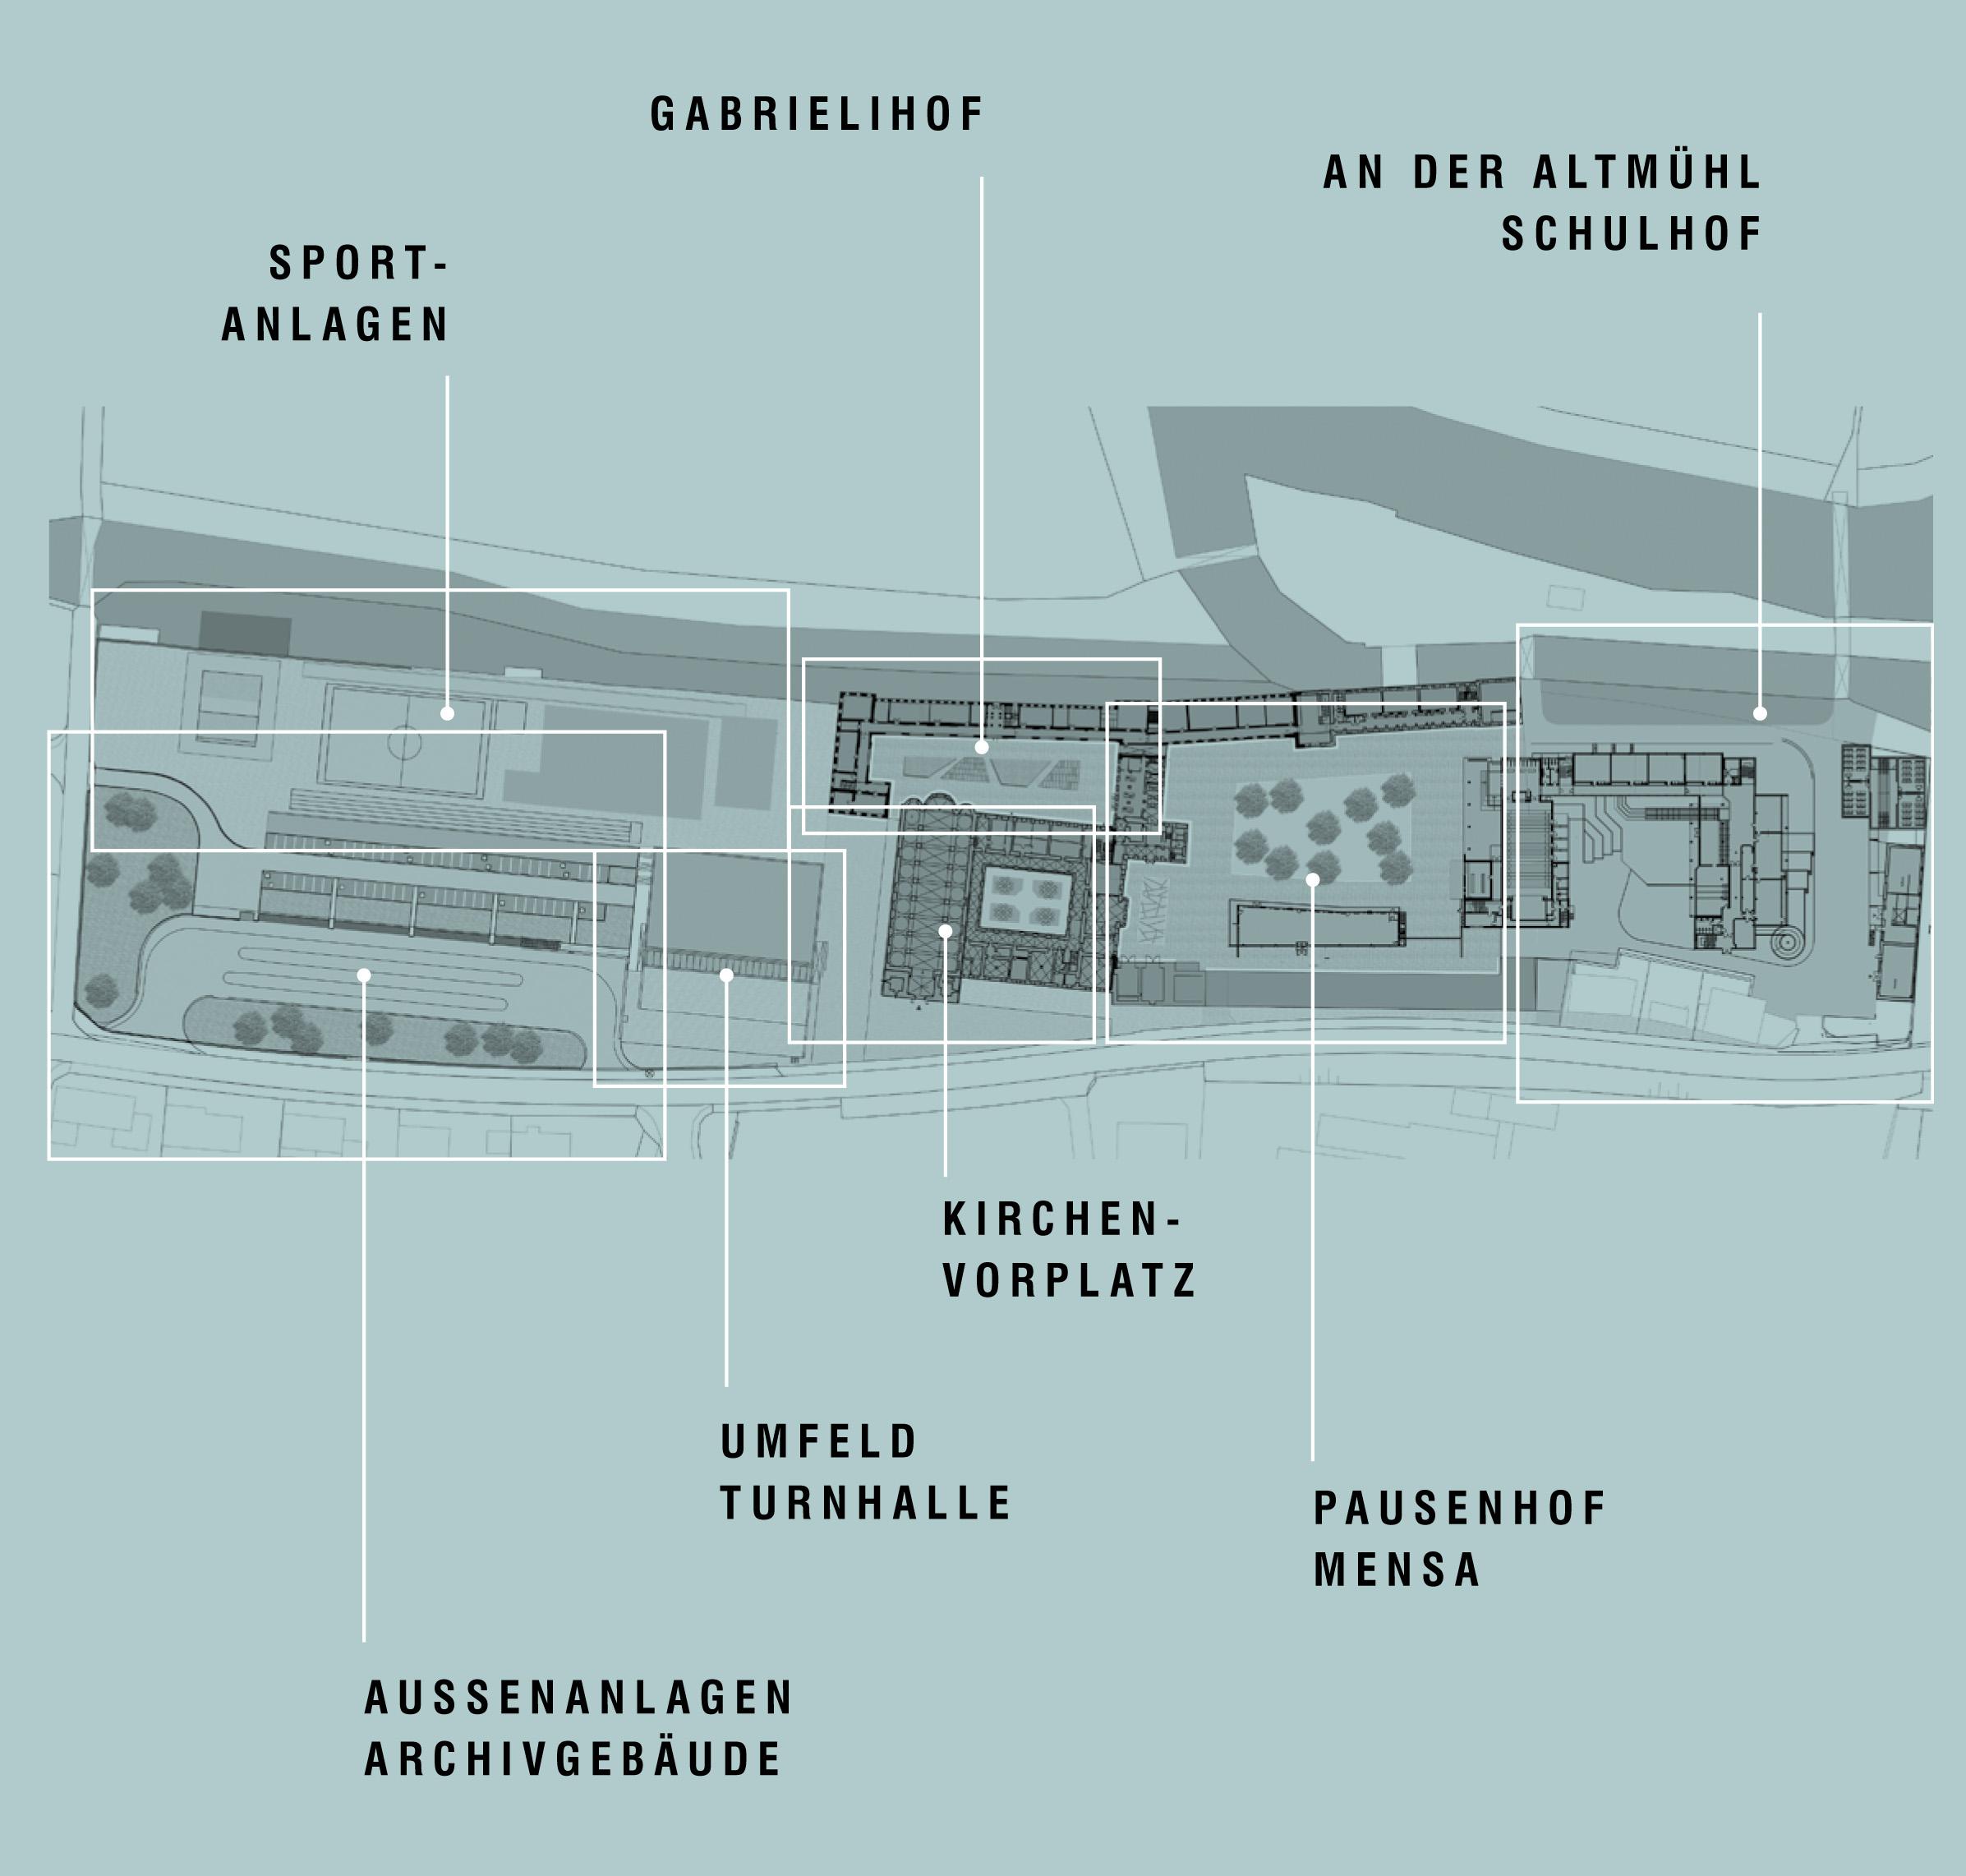 Realschulen in Eichstät-Rebdorf – BA 1 Neubau eines Archivgebäudes mit Bushaltestelle und Parkplätzen